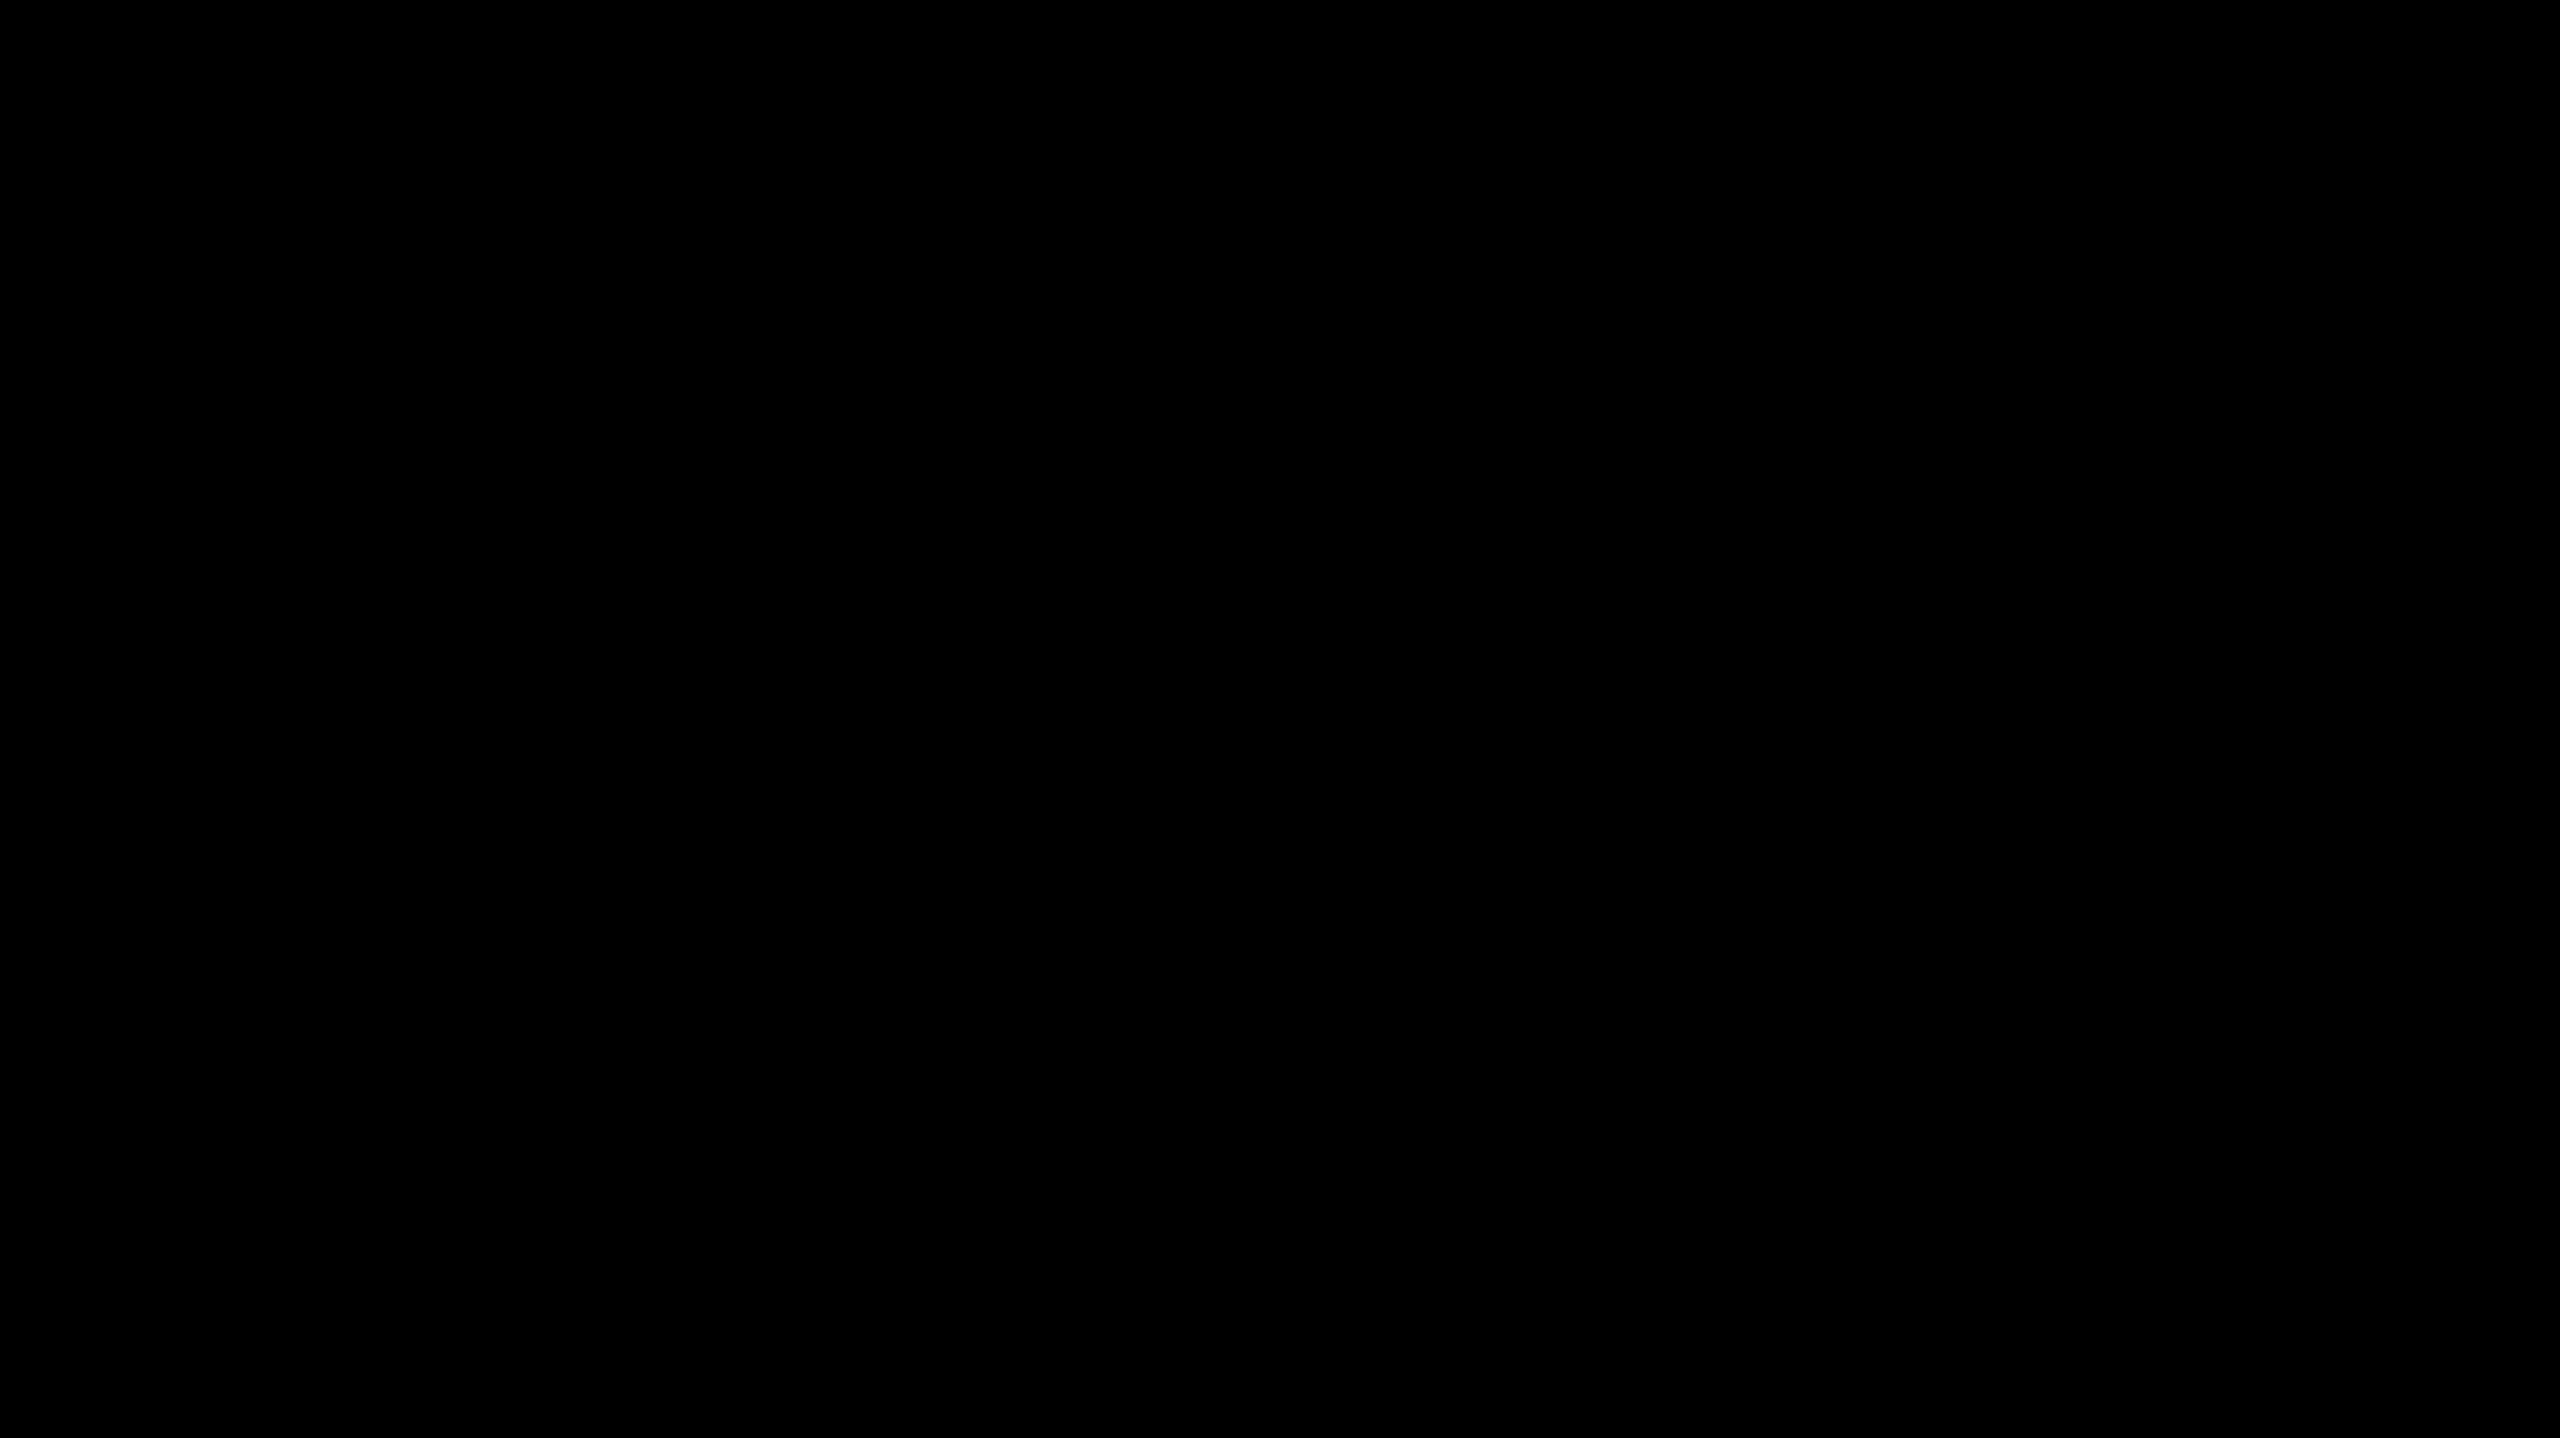 dji_0172